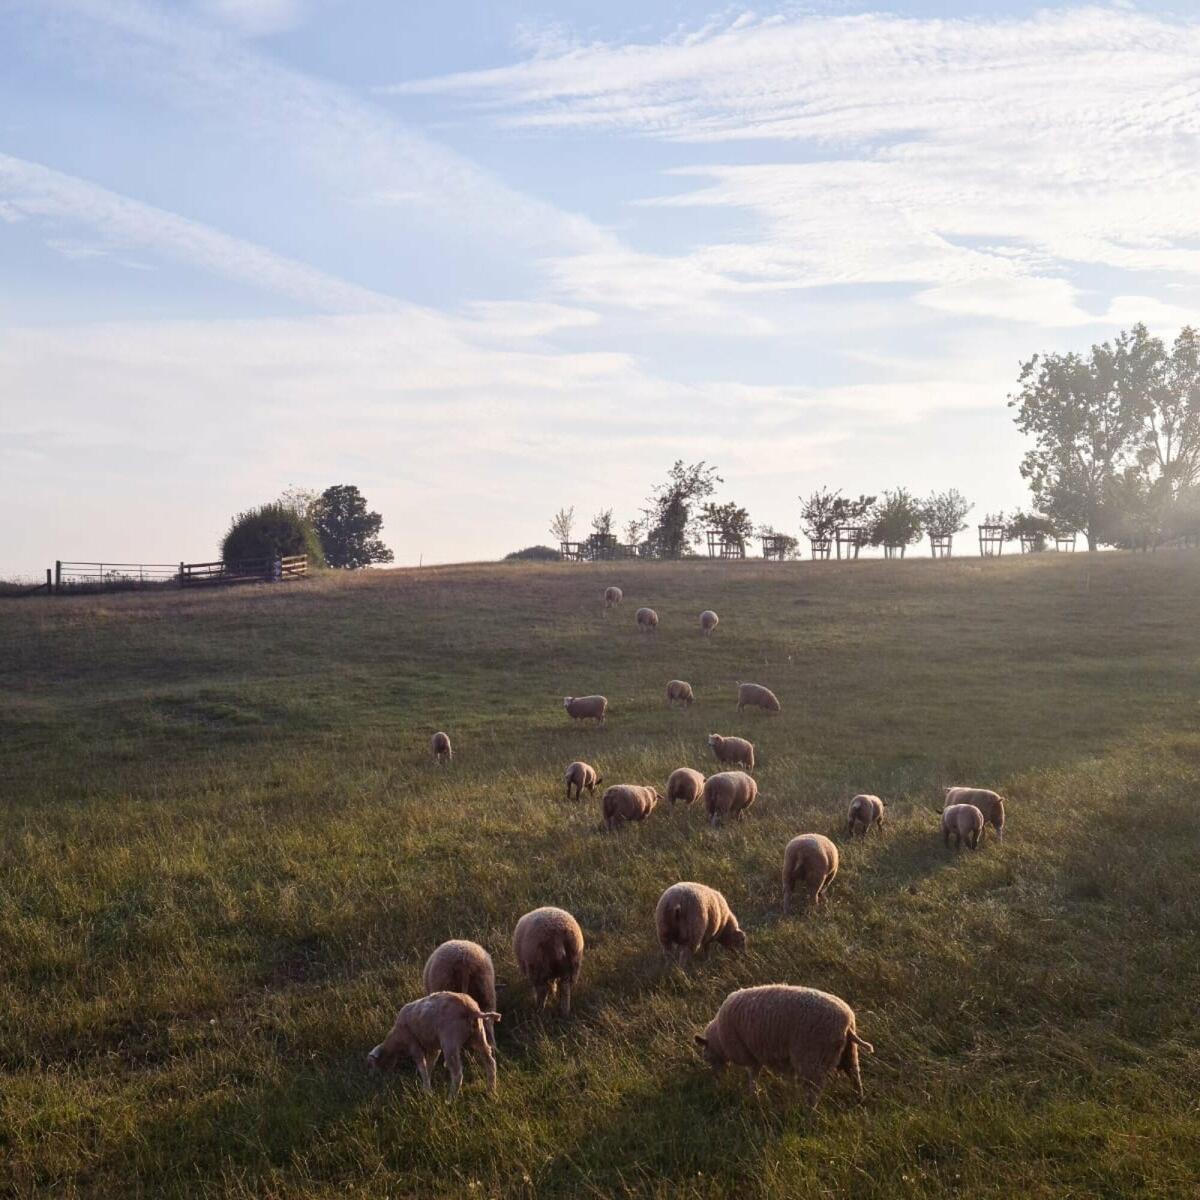 On a working farm